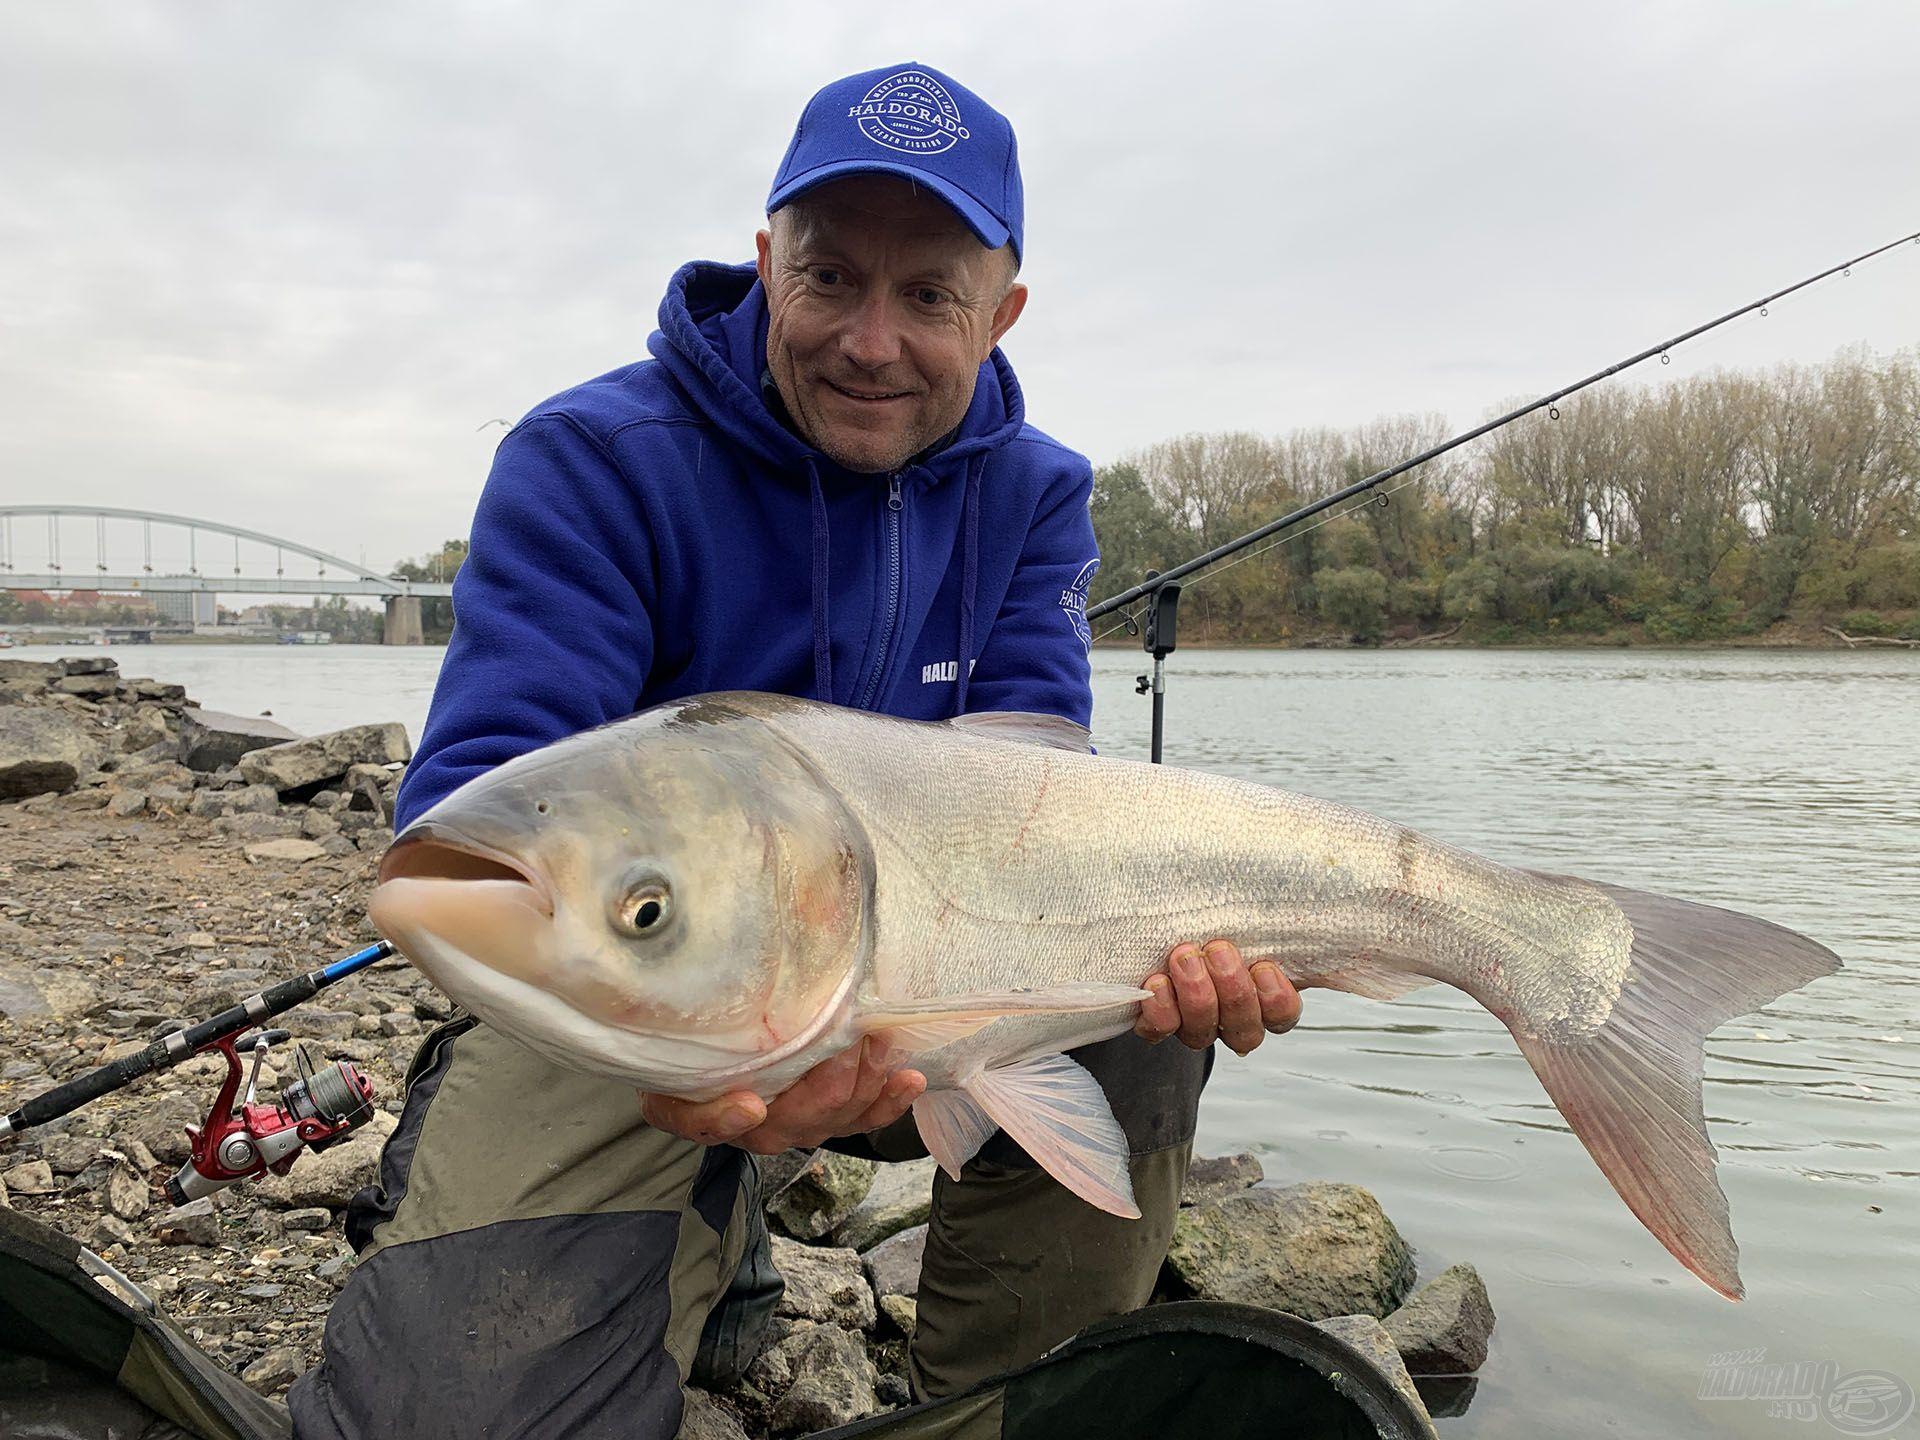 Sportszerű horgászata nagyszerű móka